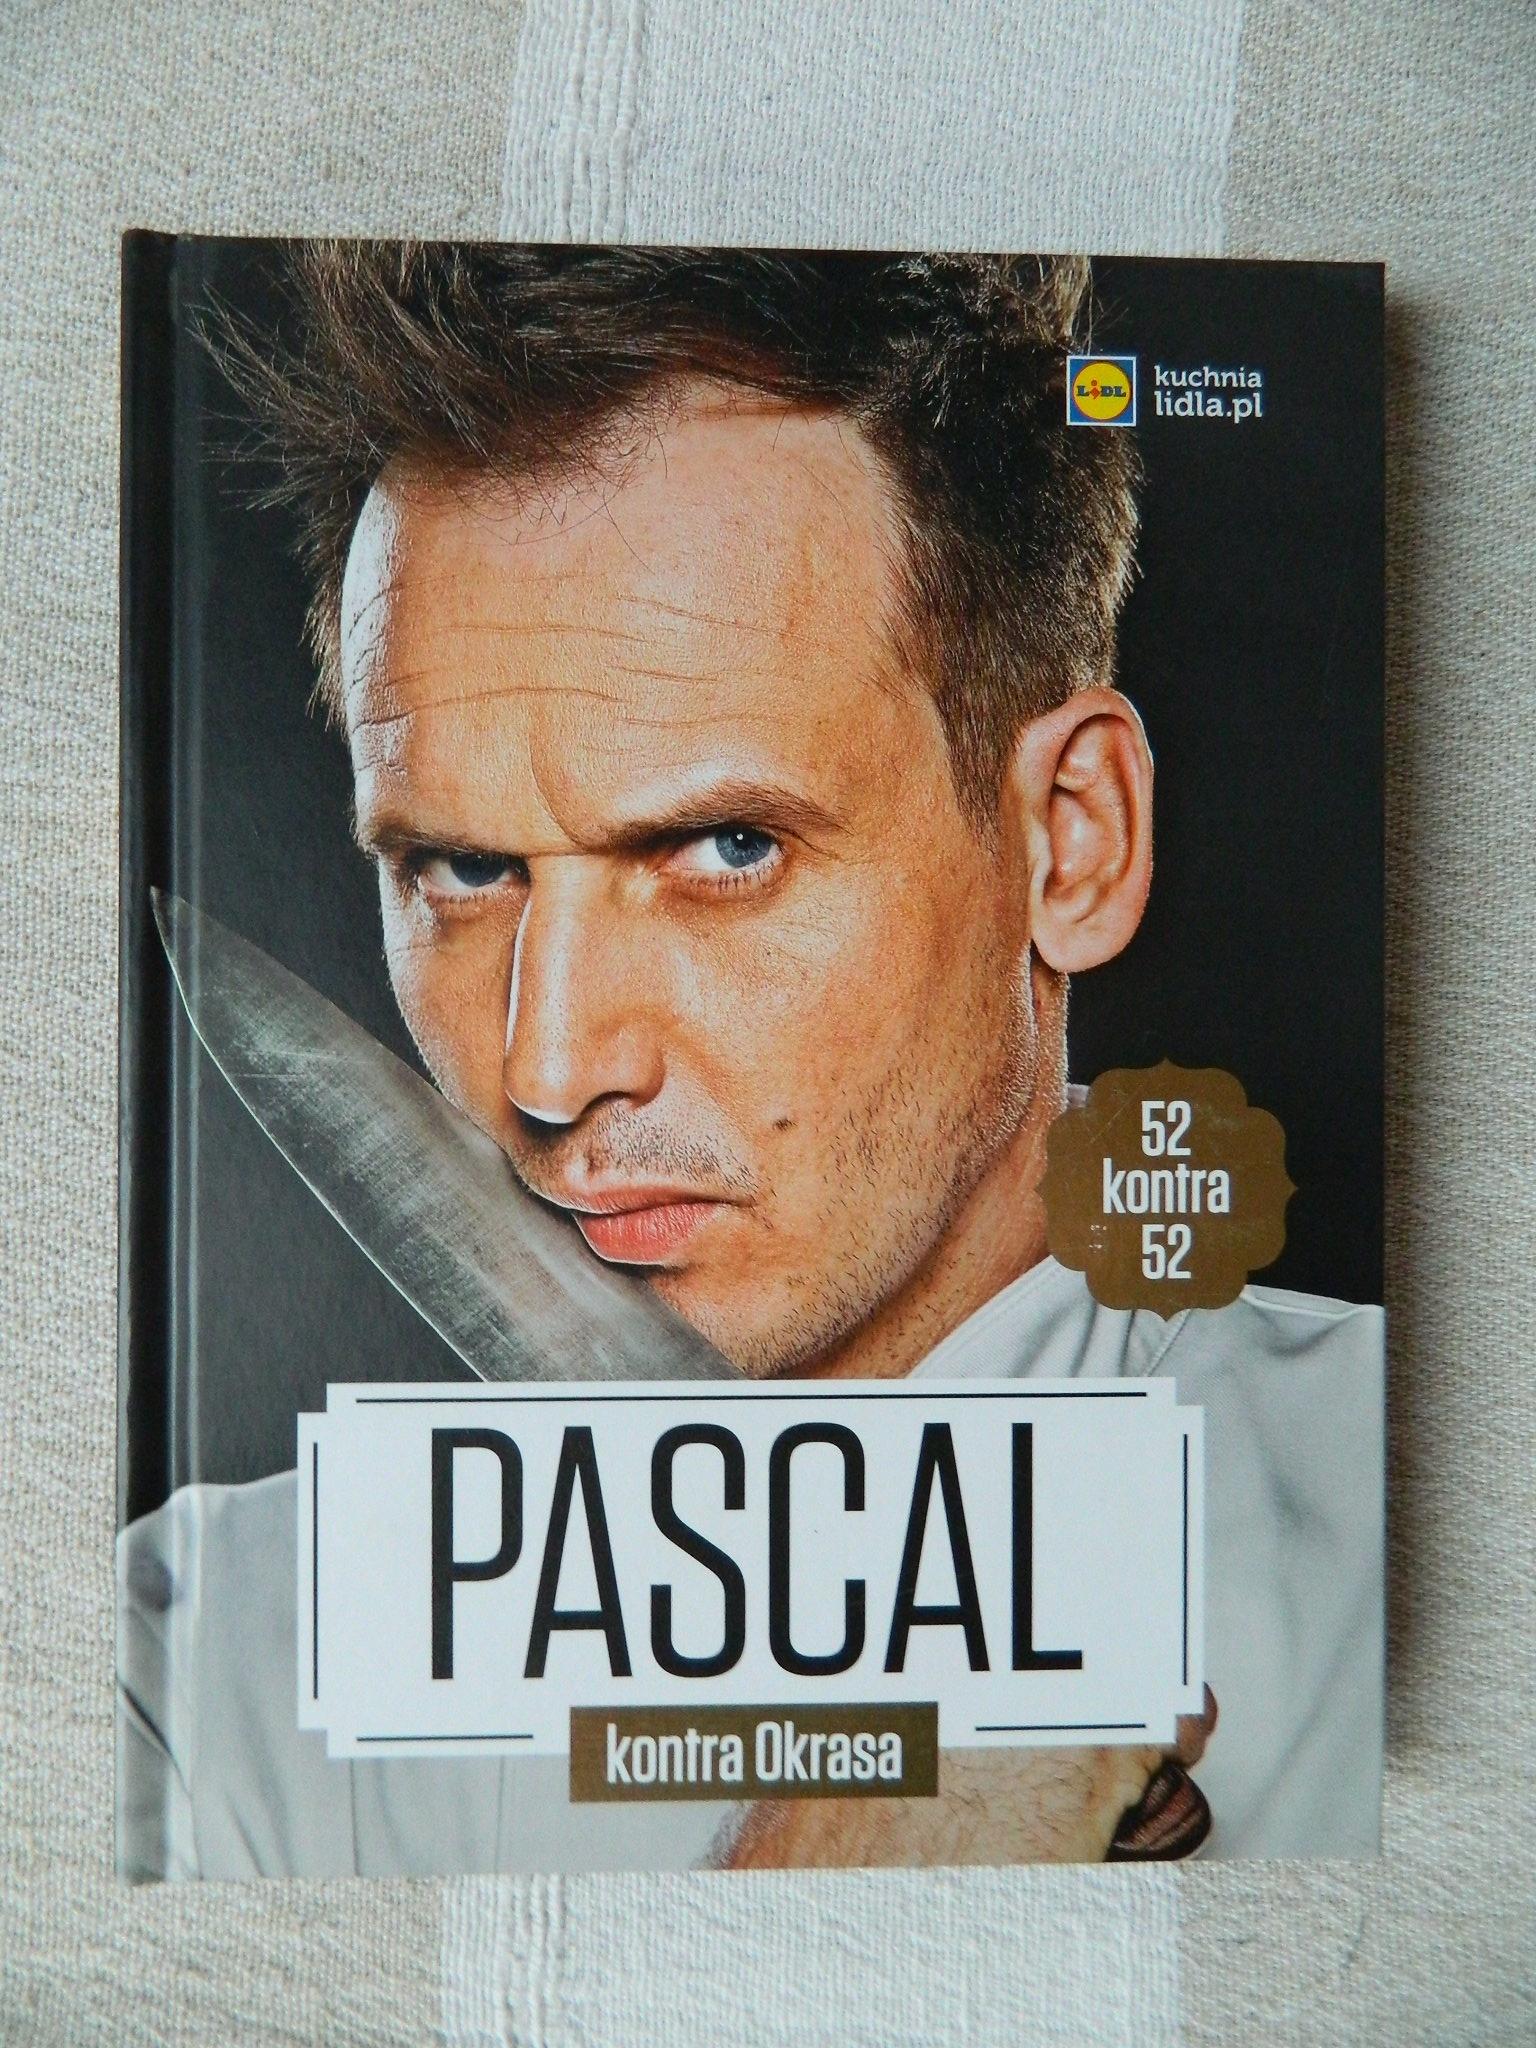 Pascal Kontra Okrasa Kontra Pascal 15 Zl Allegro Pl Raty 0 Darmowa Dostawa Ze Smart Gostyn Stan Uzywany Id Oferty 7792010047